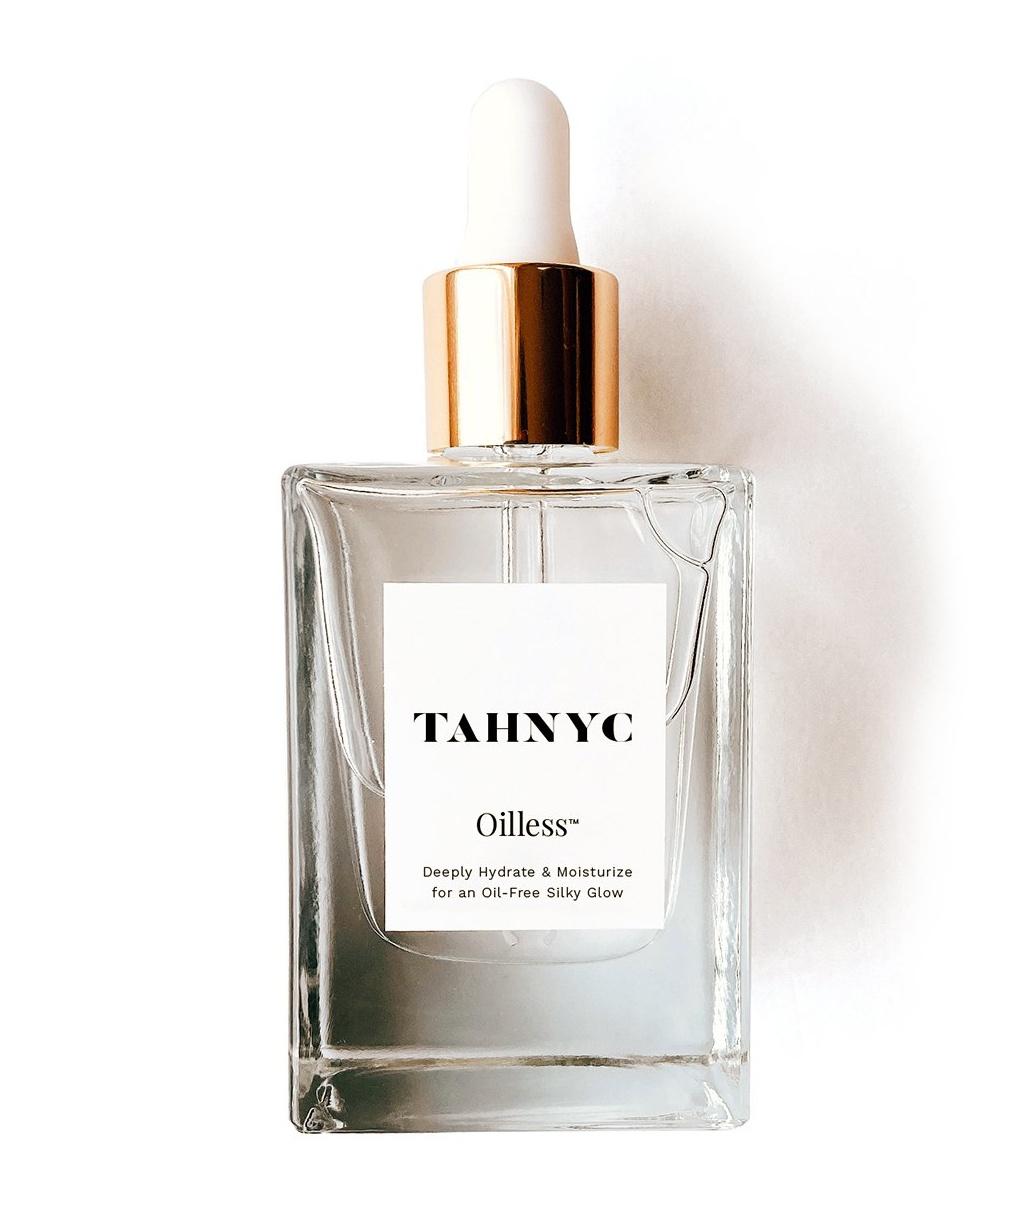 TAHNYC Oilless